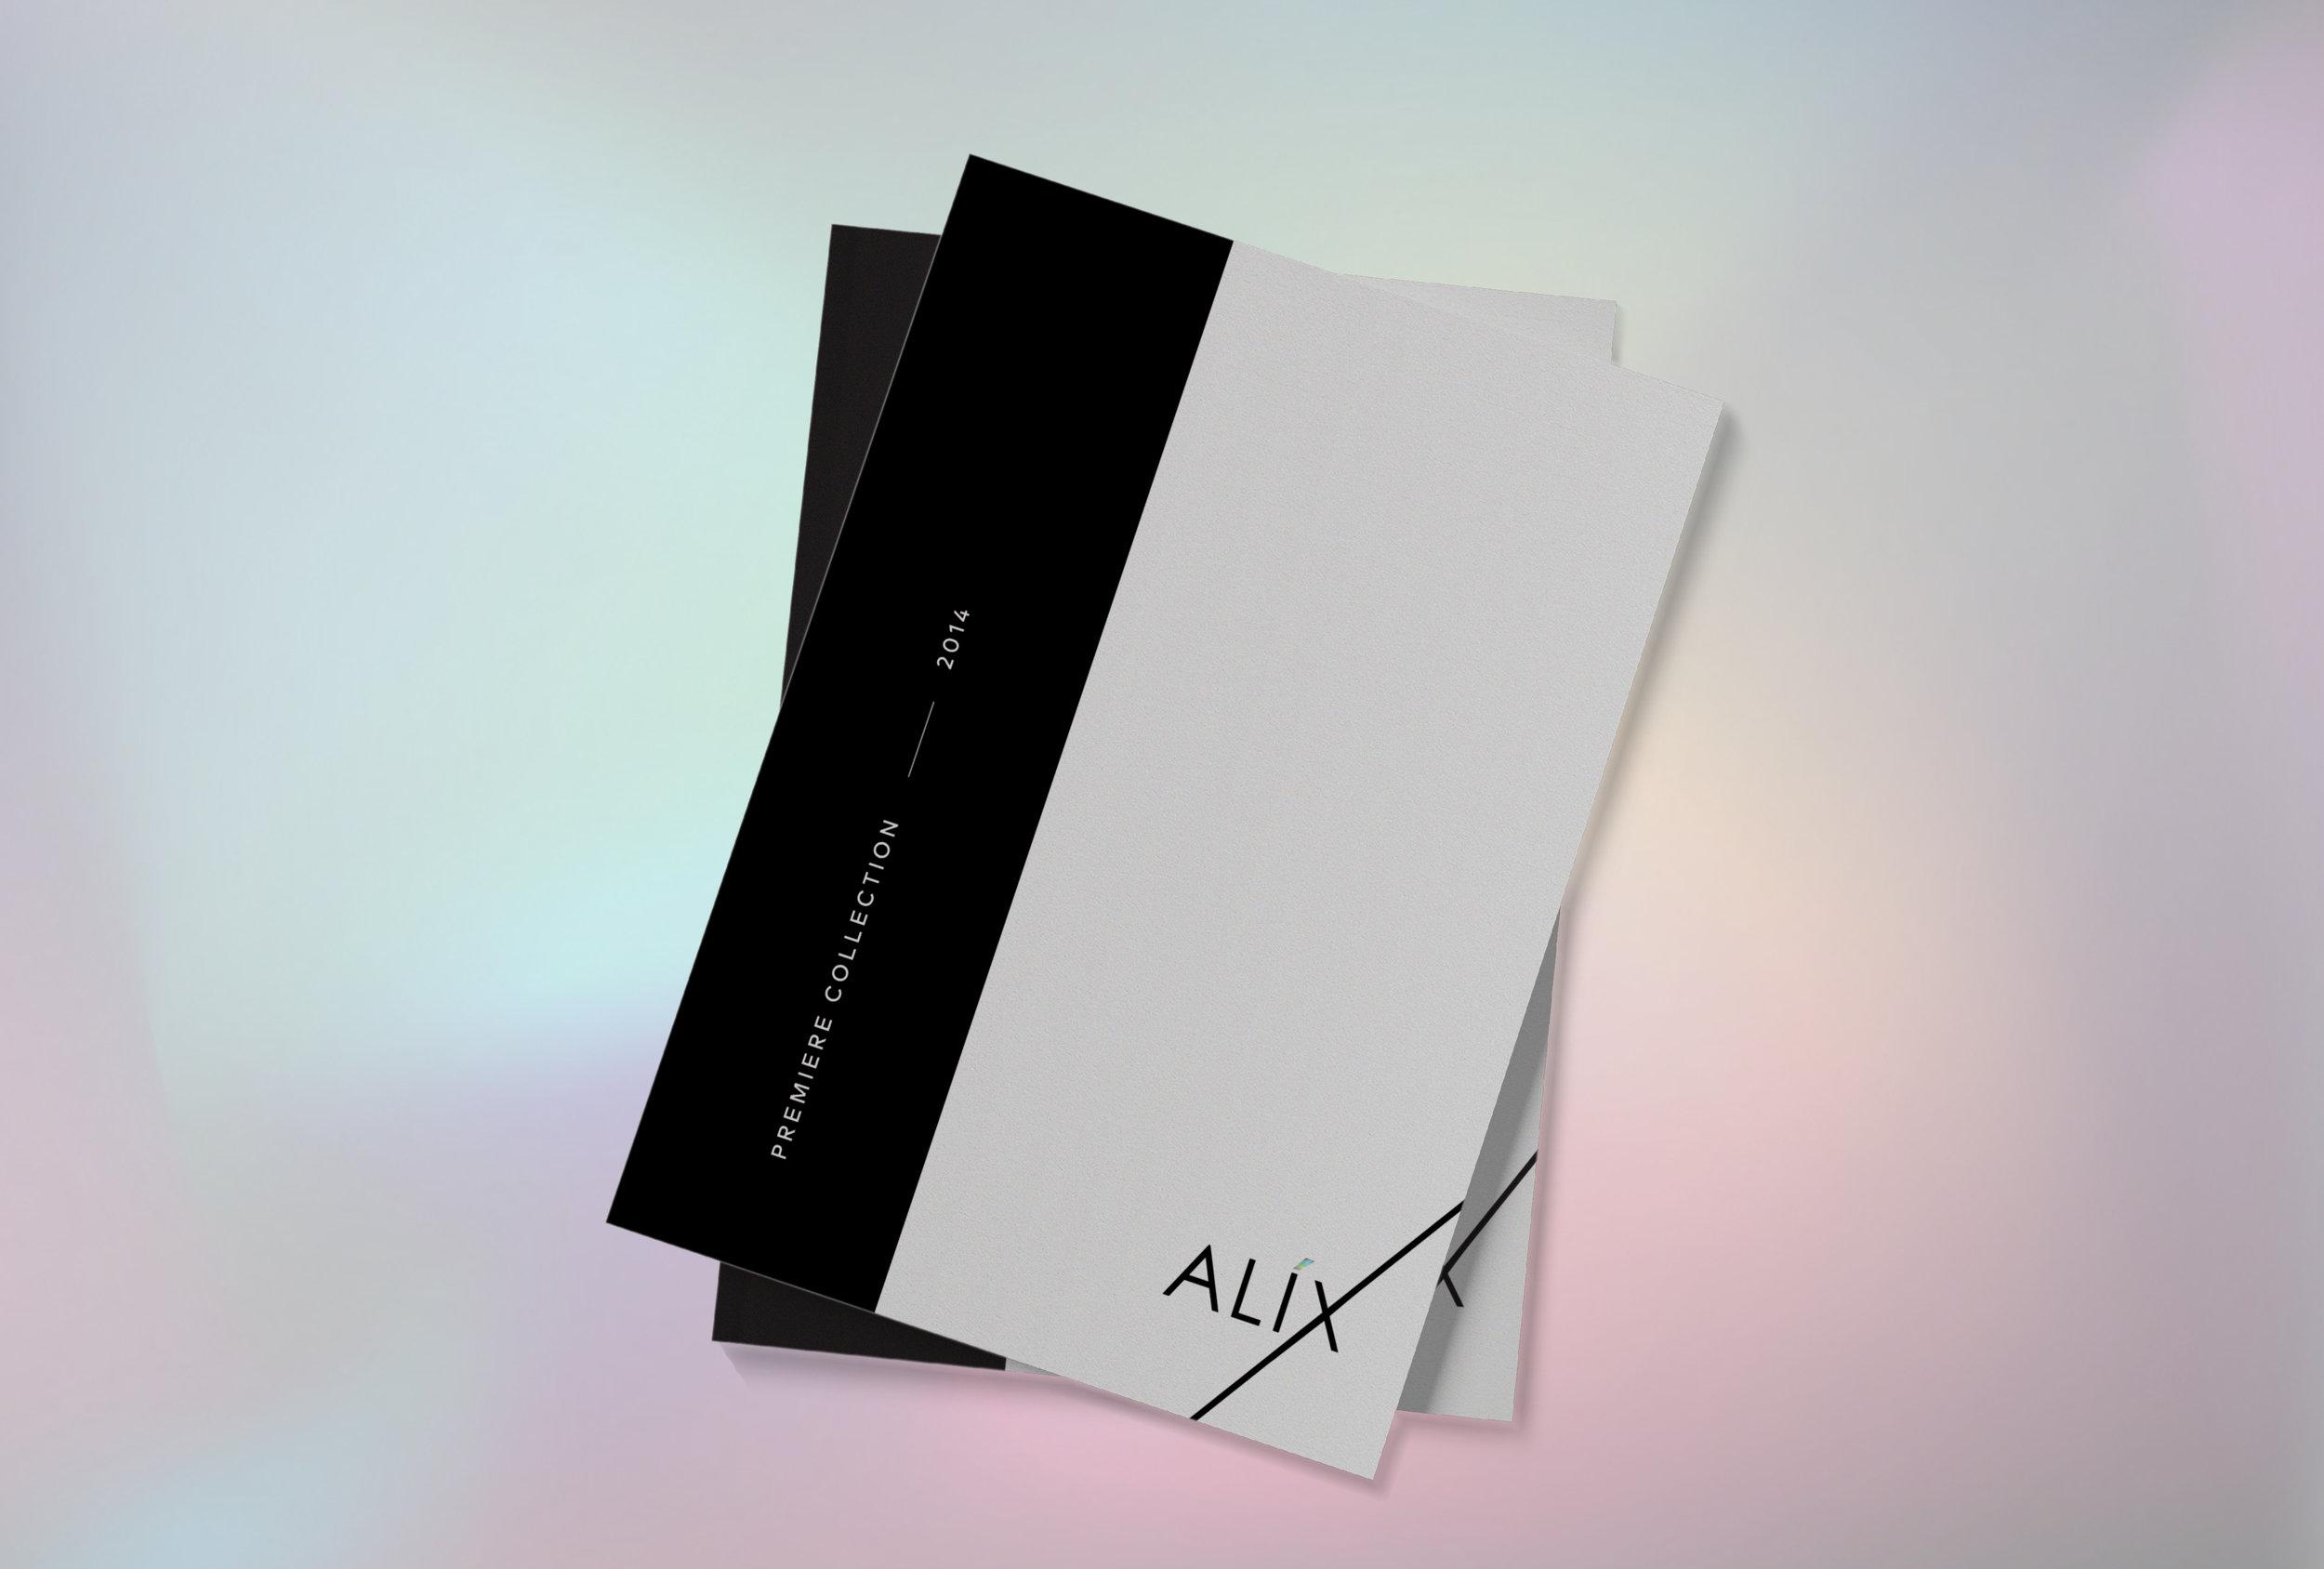 Sarah-Rose-Andrew-ALIX-LOOKBOOK-COVERS.jpg